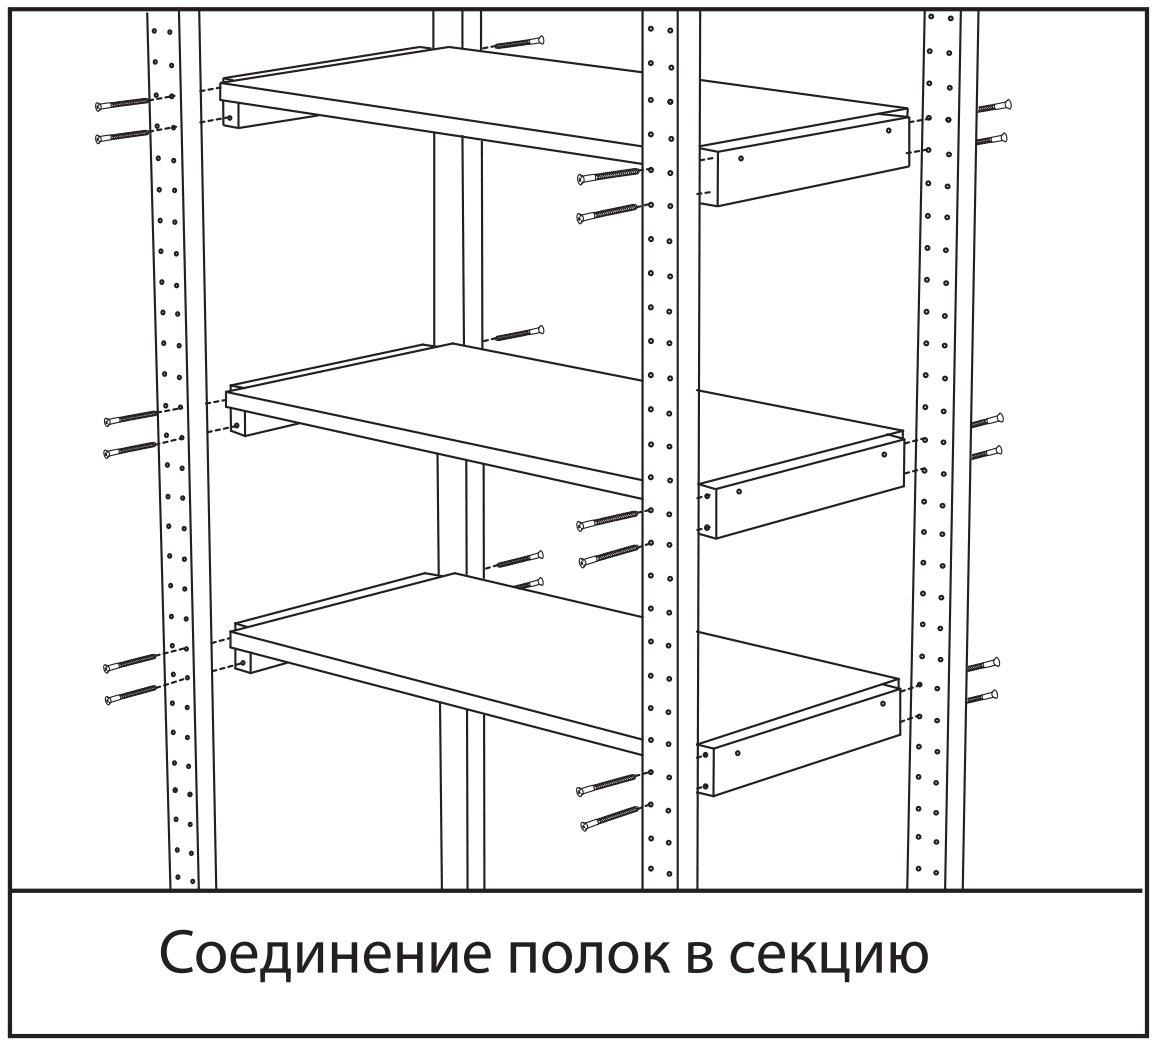 Инструкция по сборке домиков из спичек